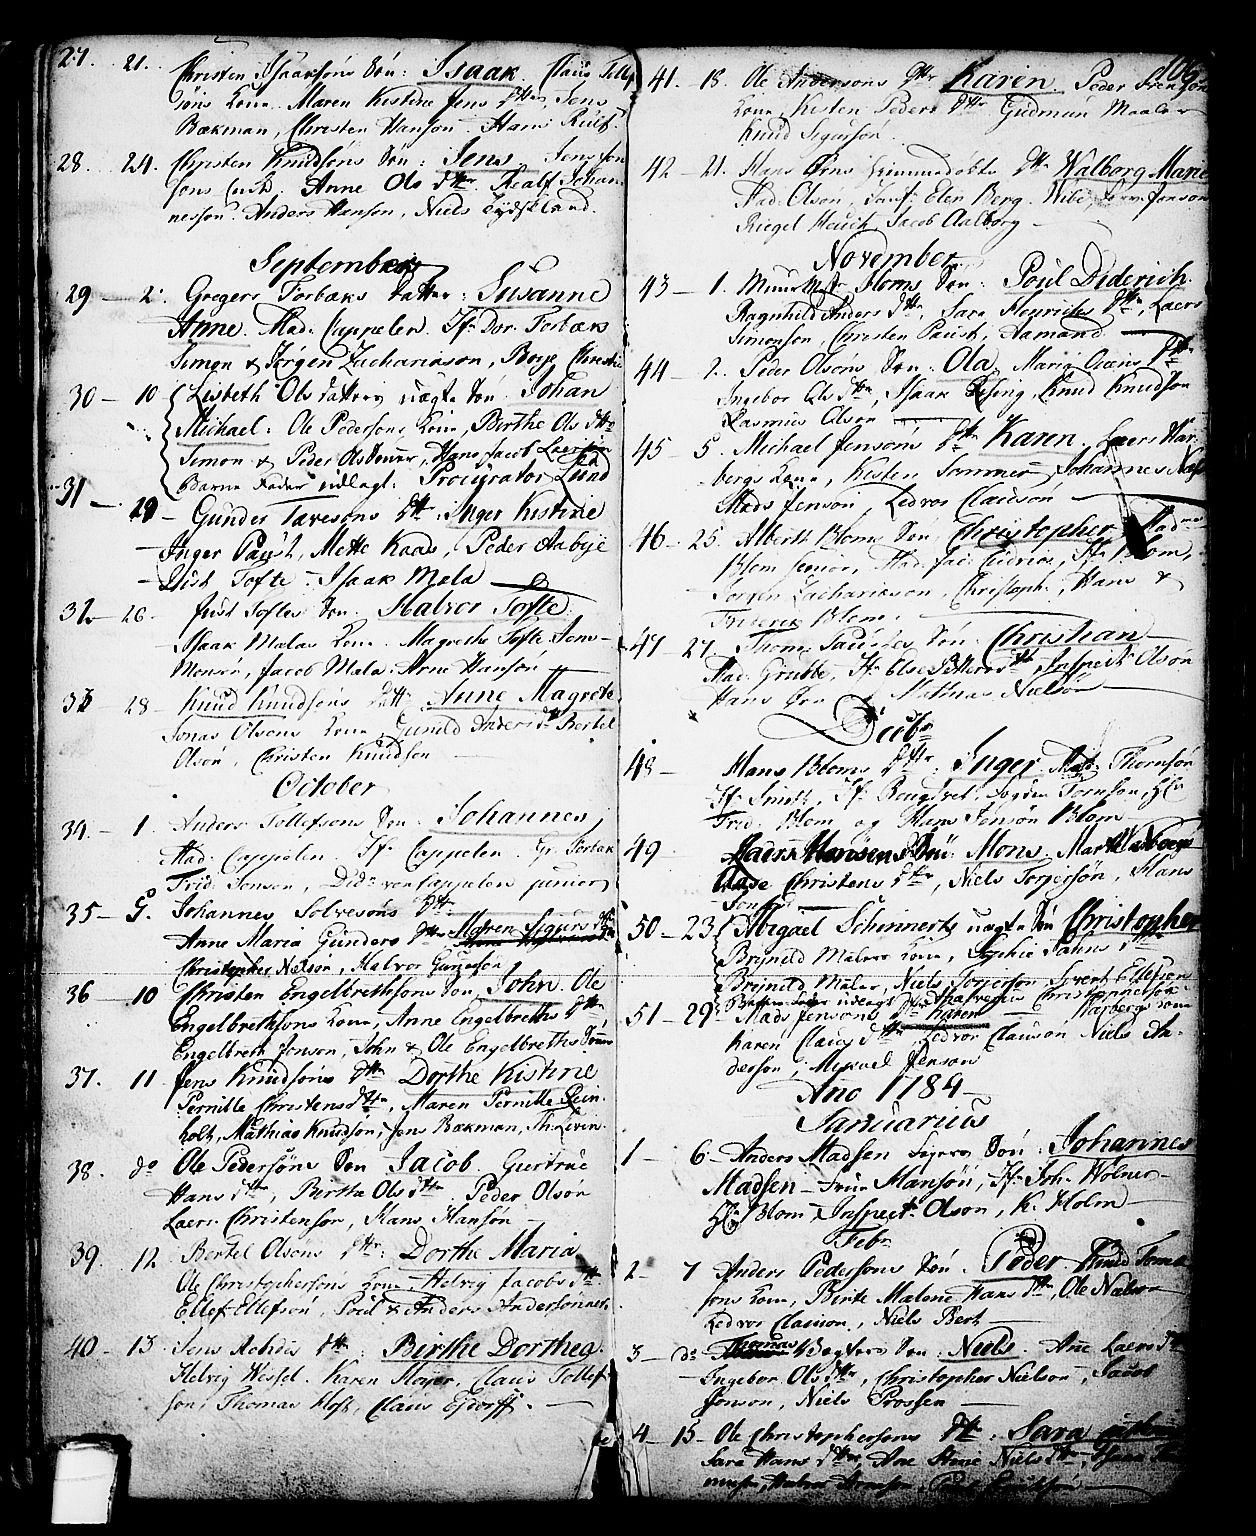 SAKO, Skien kirkebøker, G/Ga/L0001: Klokkerbok nr. 1, 1756-1791, s. 106